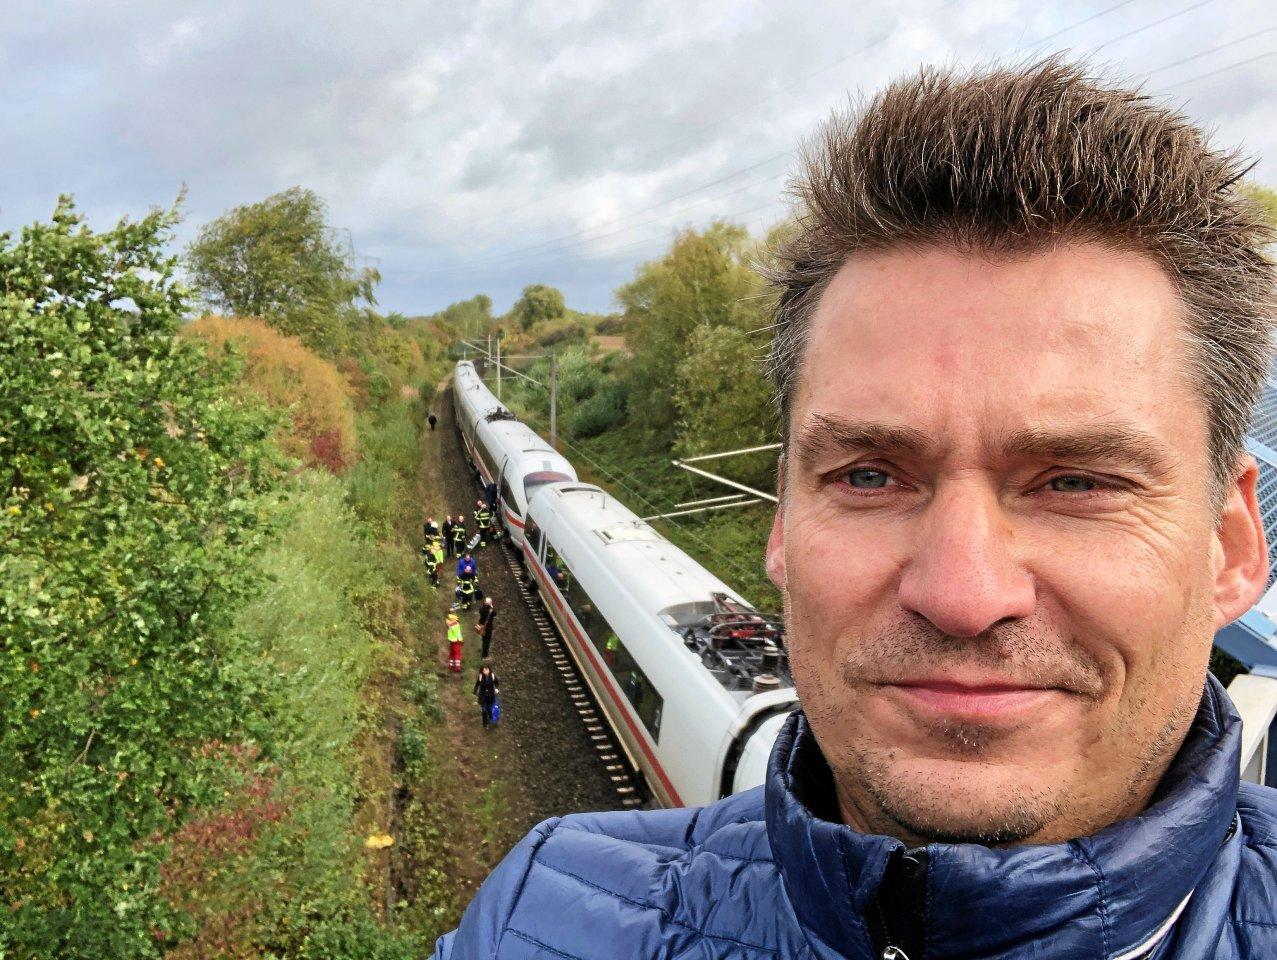 Hendrik Rasehorn von dem ICE, der Ende 2019 nahe Fallersleben-Sülfeld im Sturm einen umgestürzten Baum gerammt hatte.